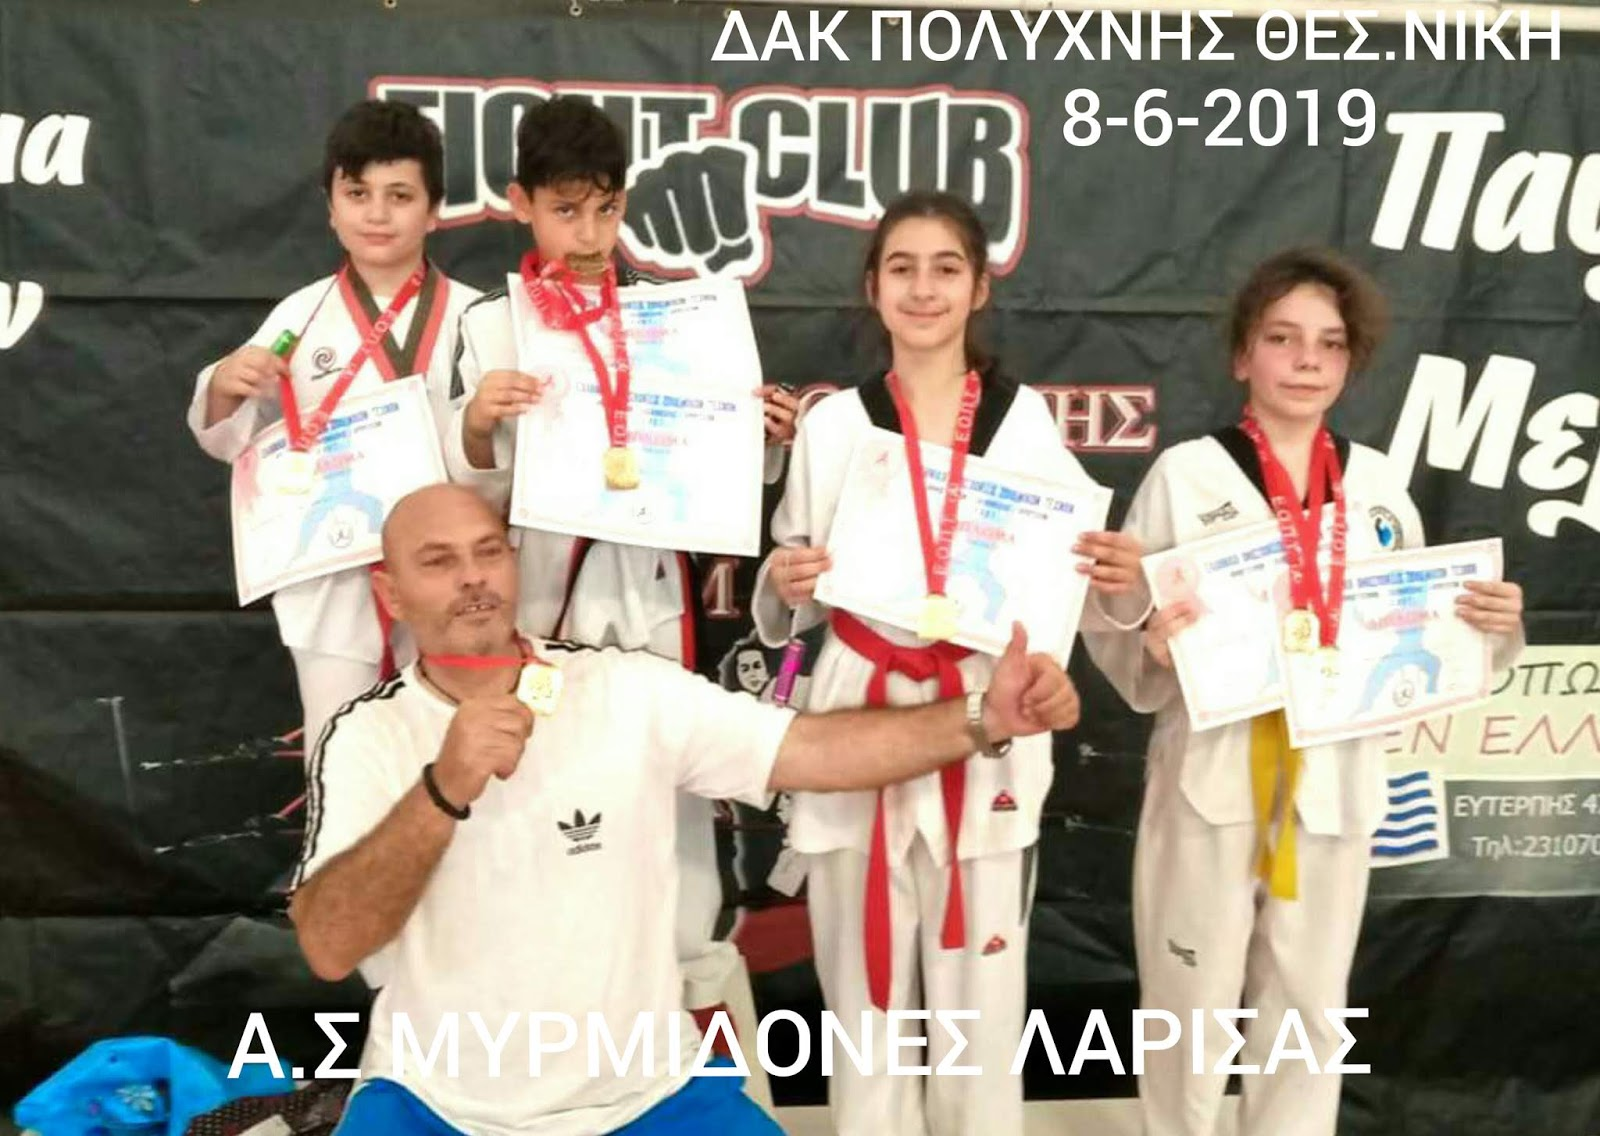 Επιτυχίες για τον ΑΣ ΜΥΡΜΙΔΟΝΕΣ Λάρισας σε διασυλλογικό ανοιχτό πρωτάθλημα